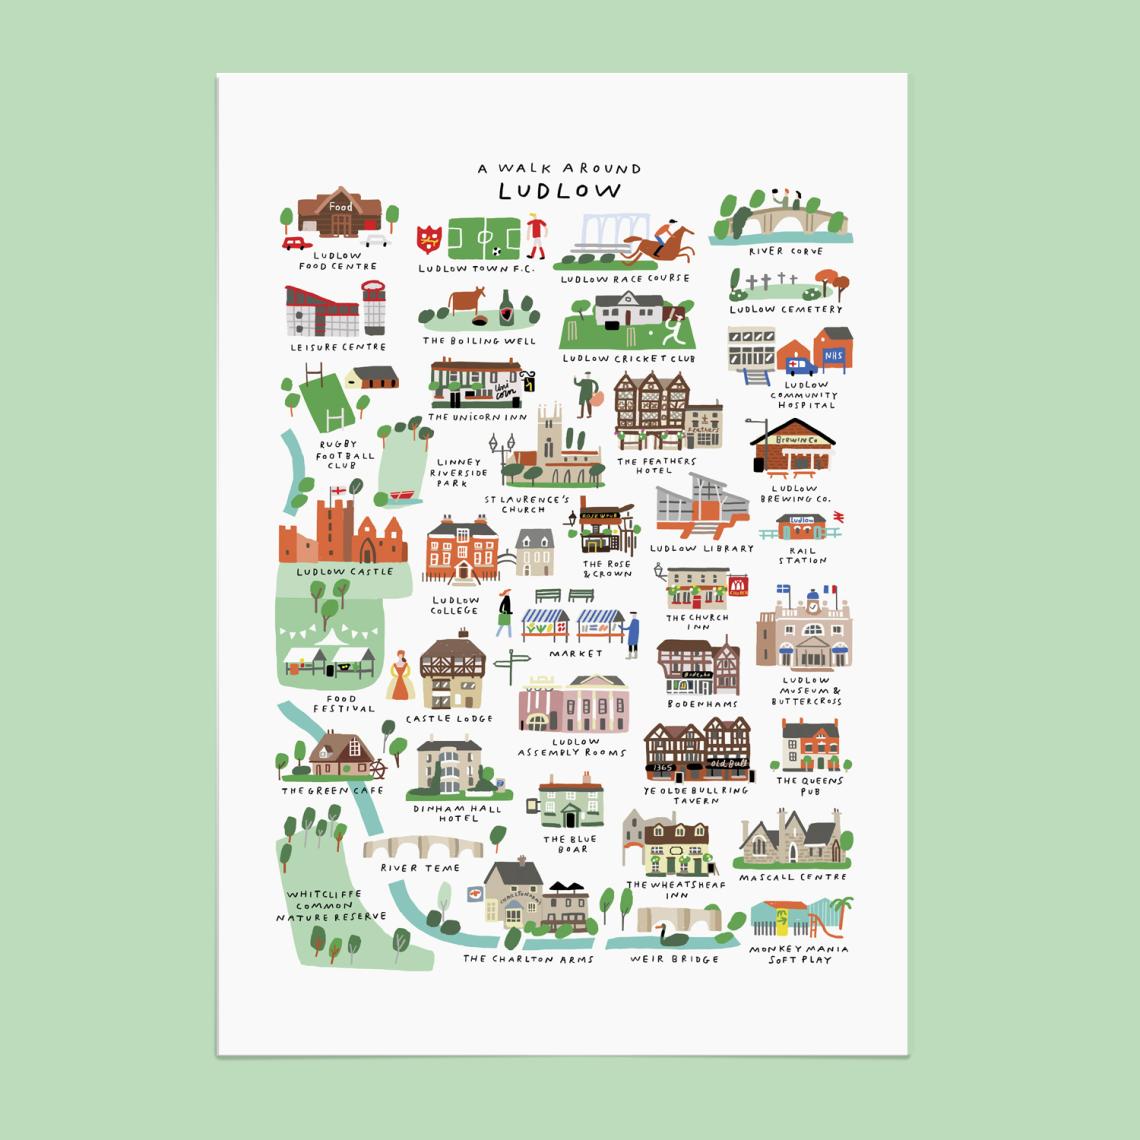 Walk Around Ludlow print PiP_mercedes leon merchesico illustration